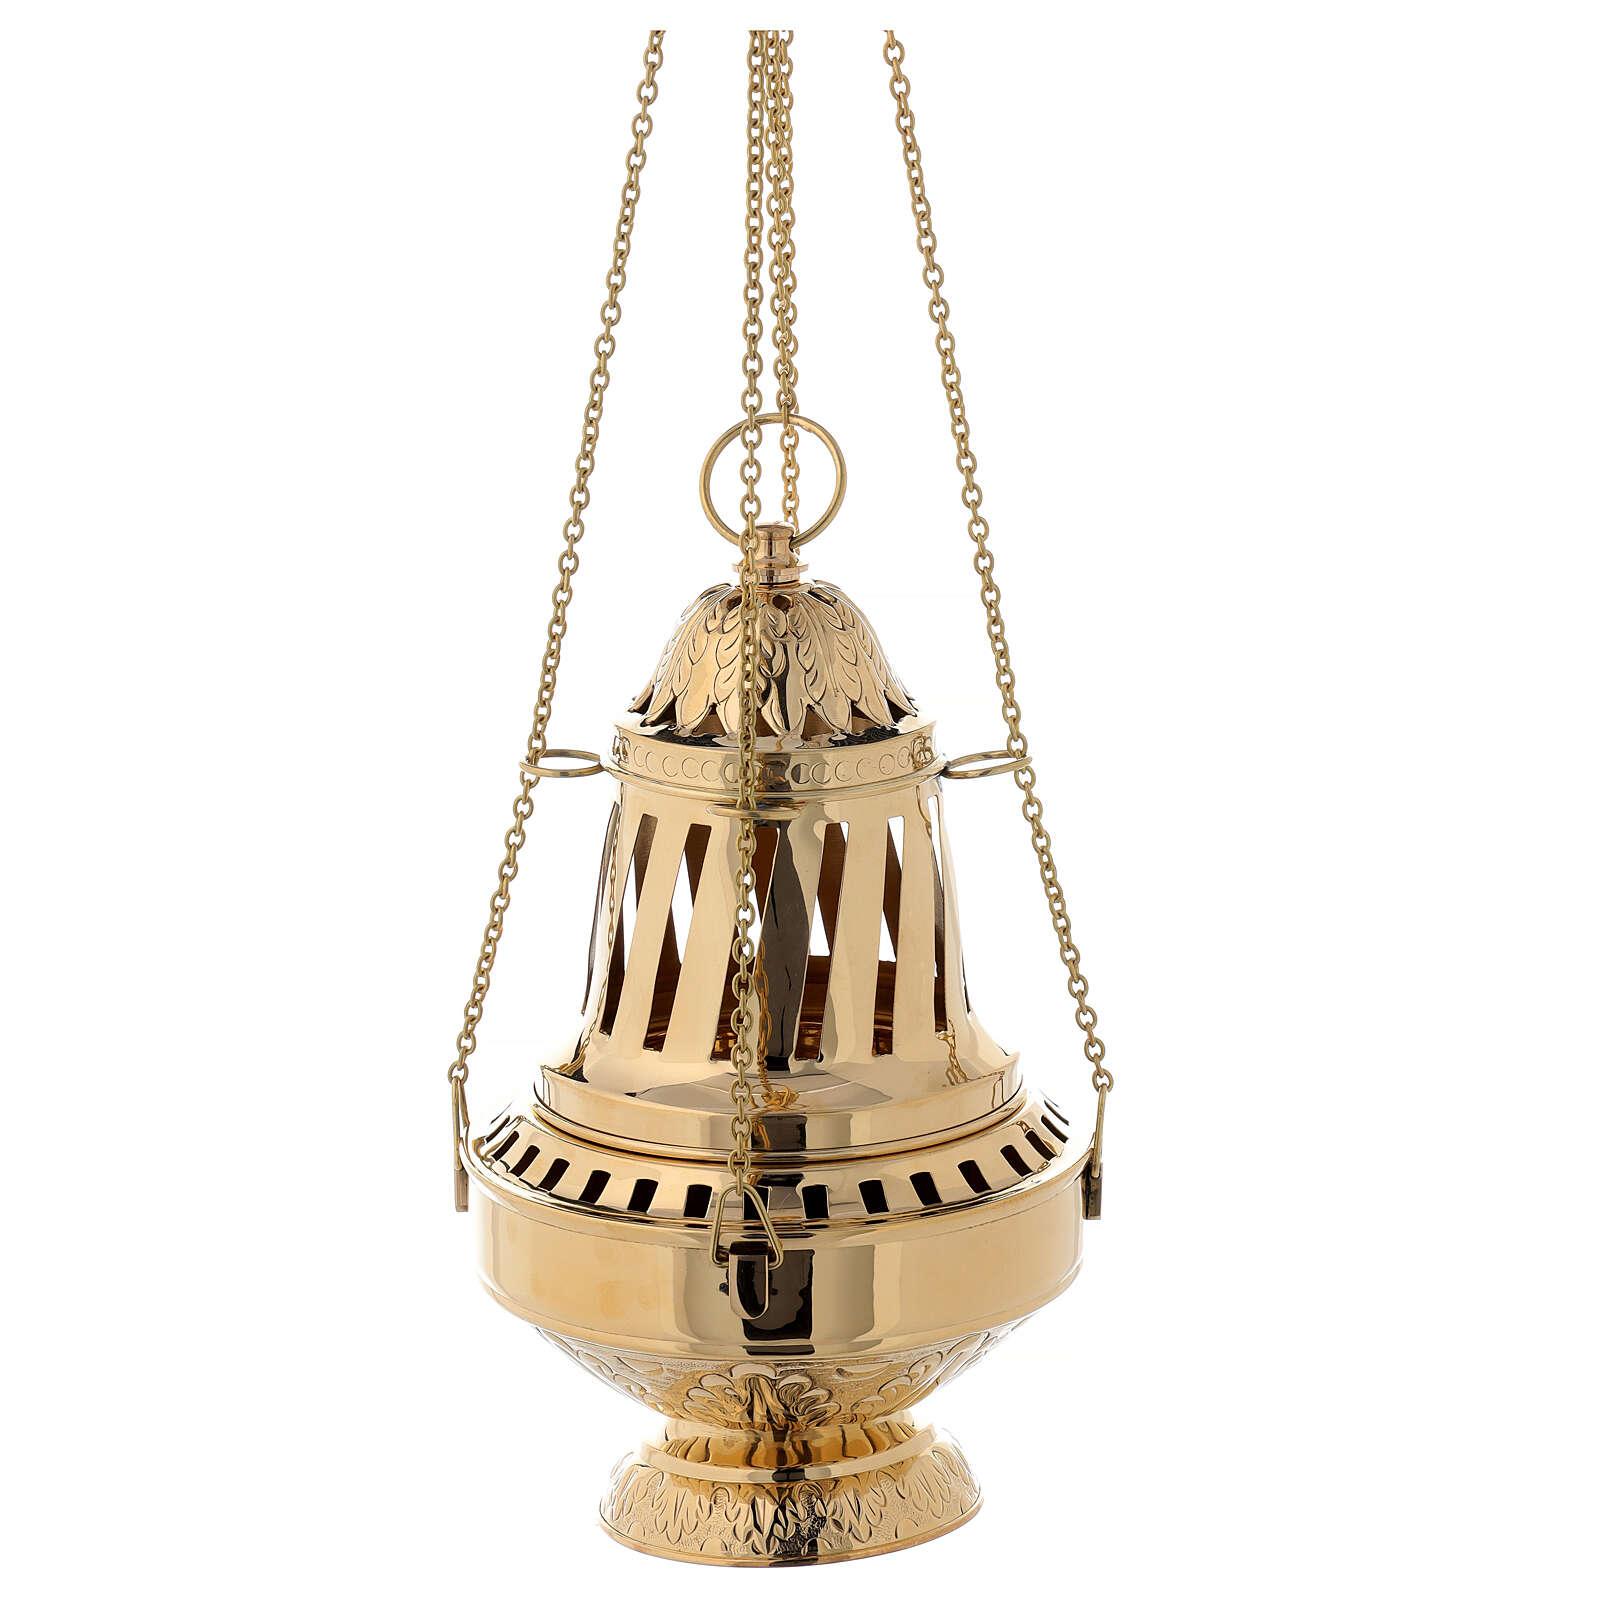 Turibolo ottone dorato stile Santiago h 33 cm 3